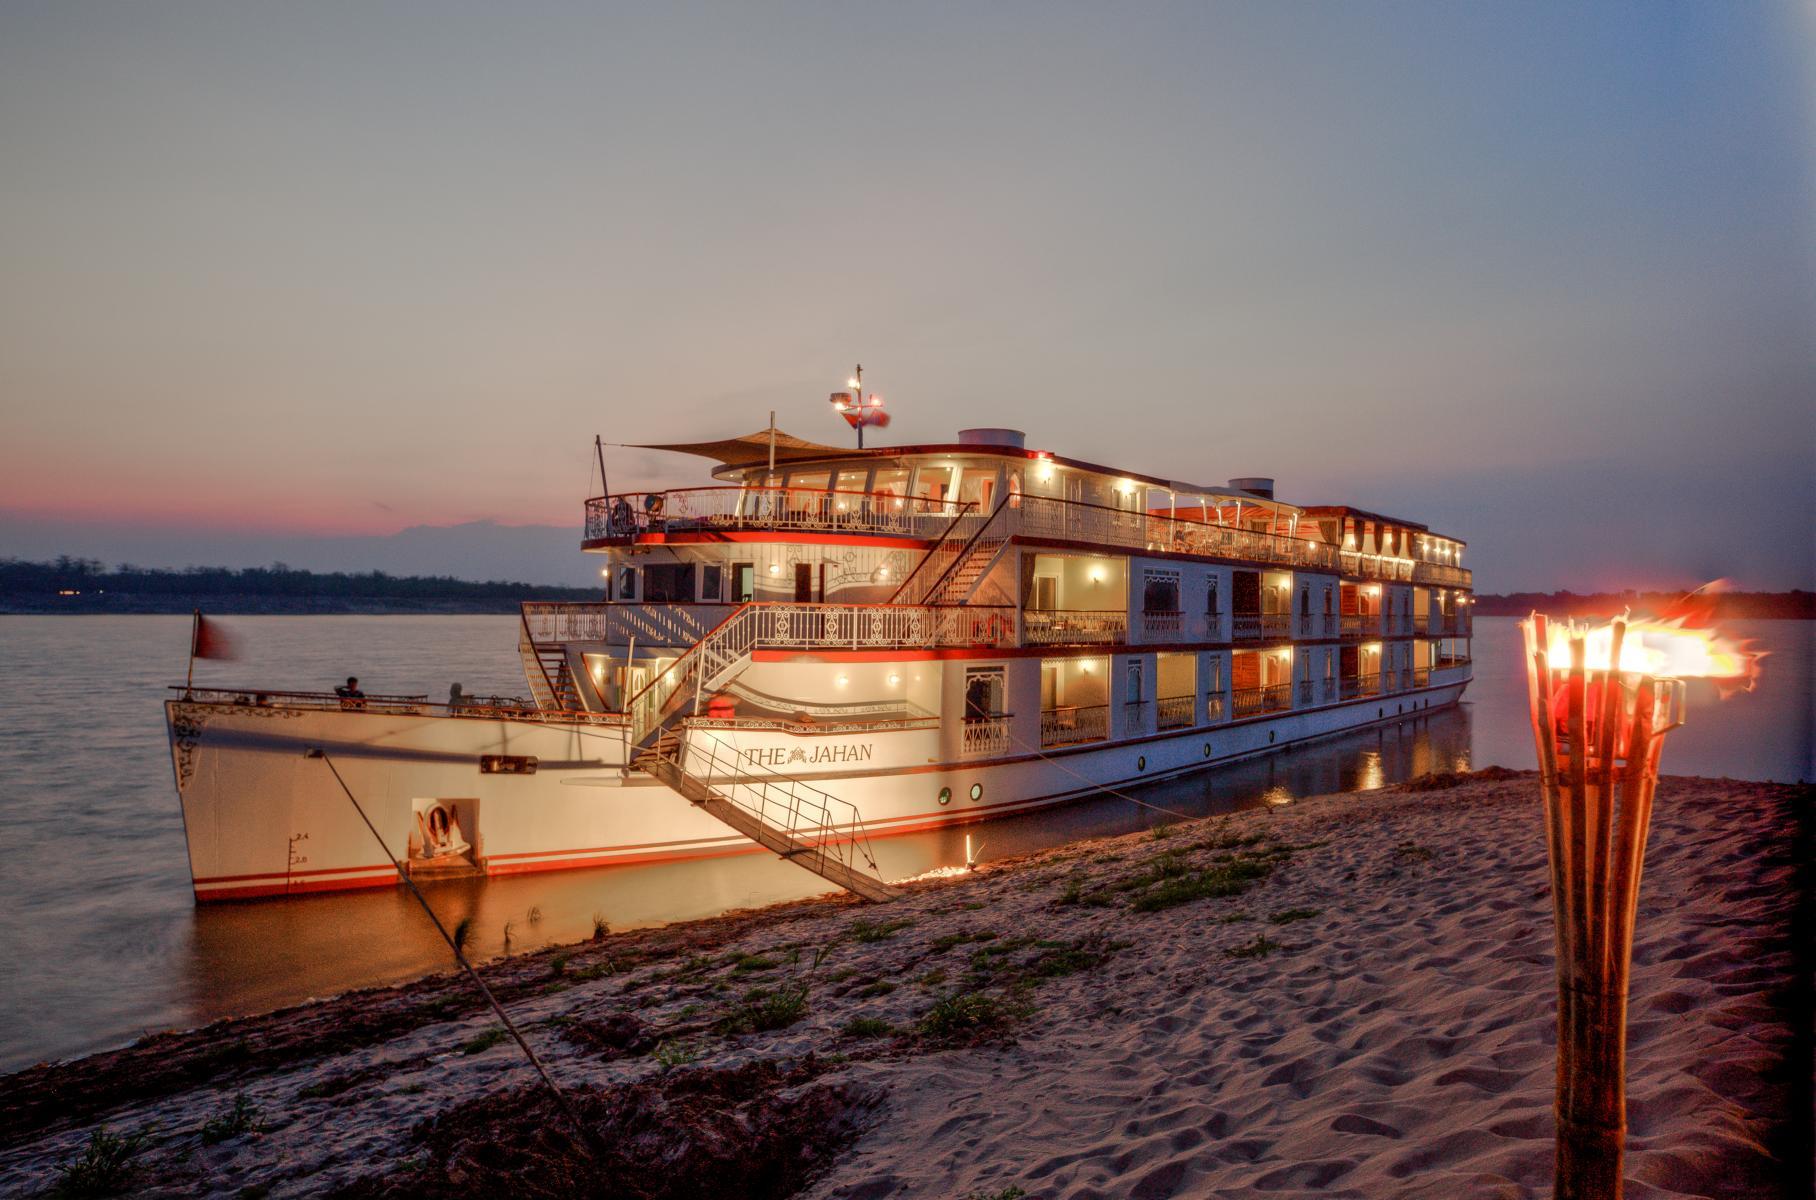 Die Jahan der Heritage Line auf dem Mekong in Vietnam und Kambodscha